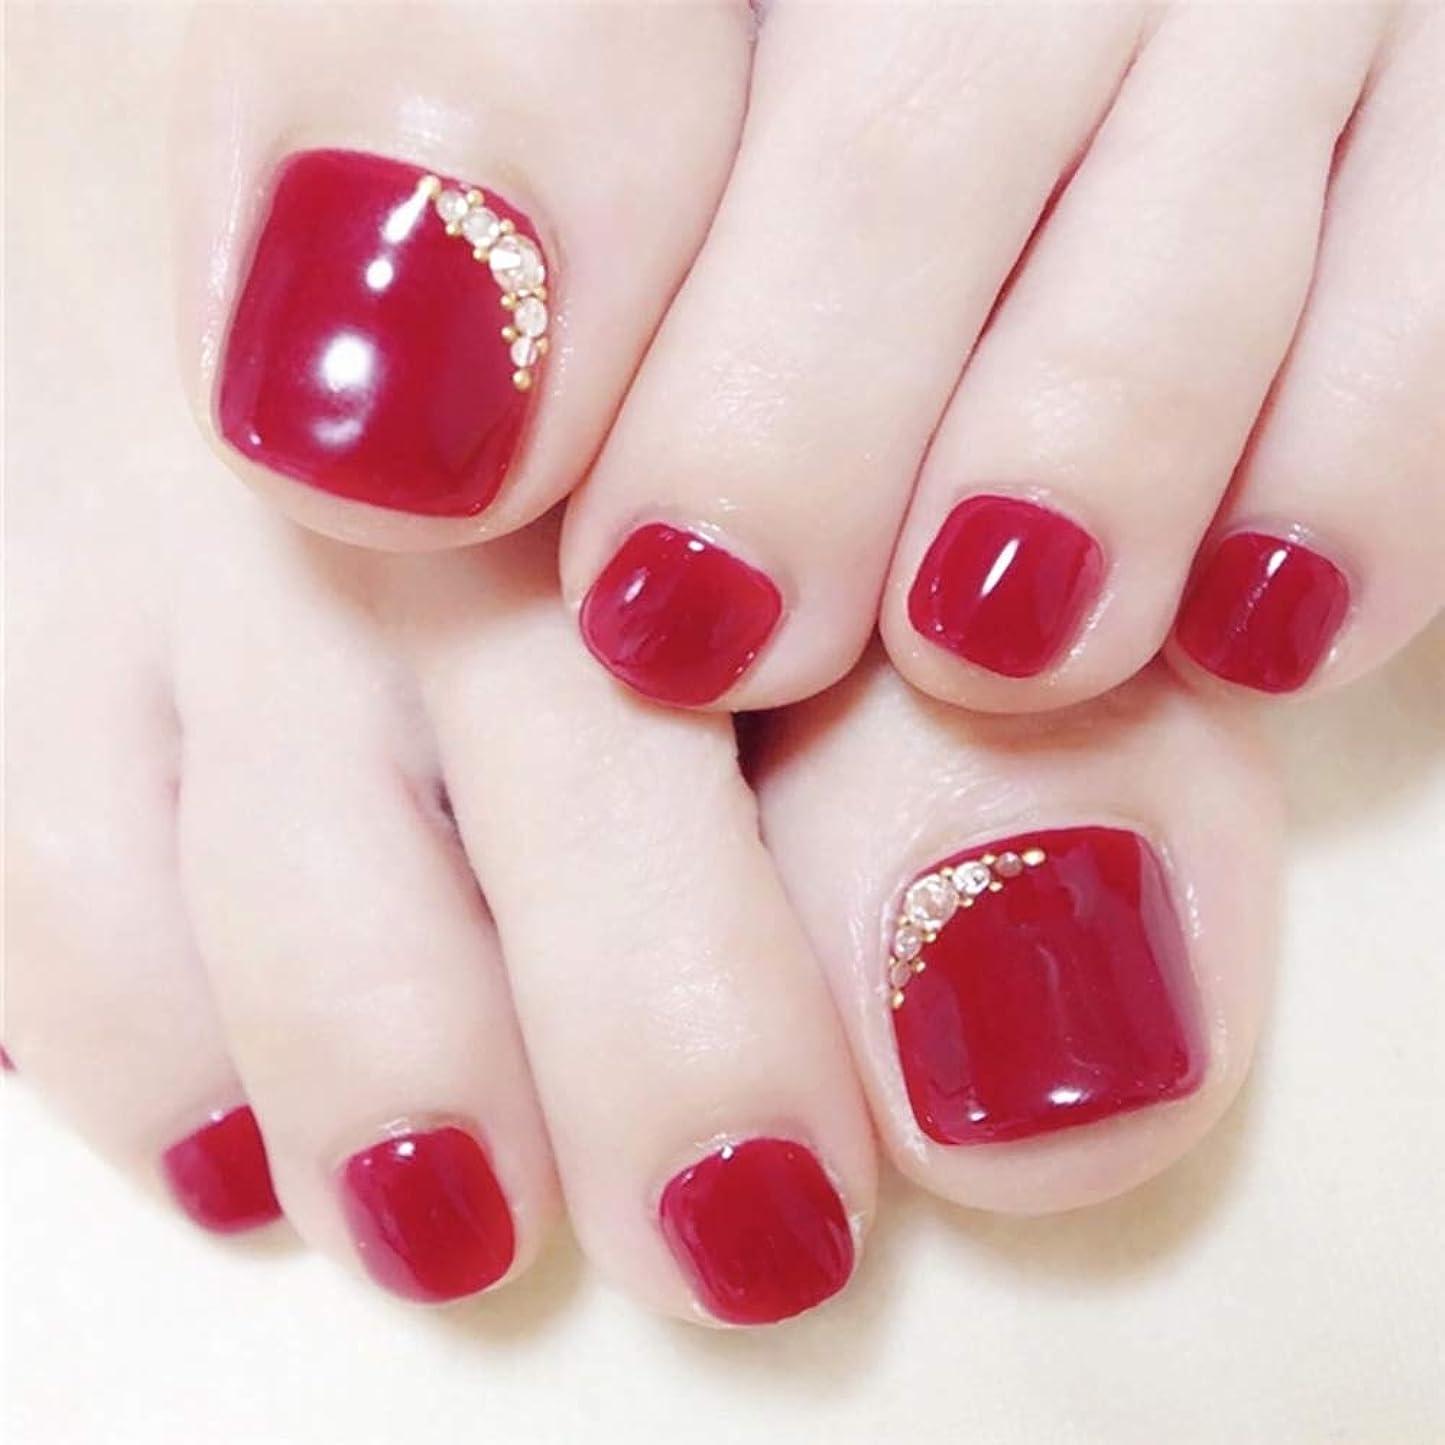 広く安いですネクタイSIFASHION ネイル花嫁 ビーチ パーティー 足の爪のネイルチップ レッドフラッシュドリル 手作りネイルチップ 足指の爪